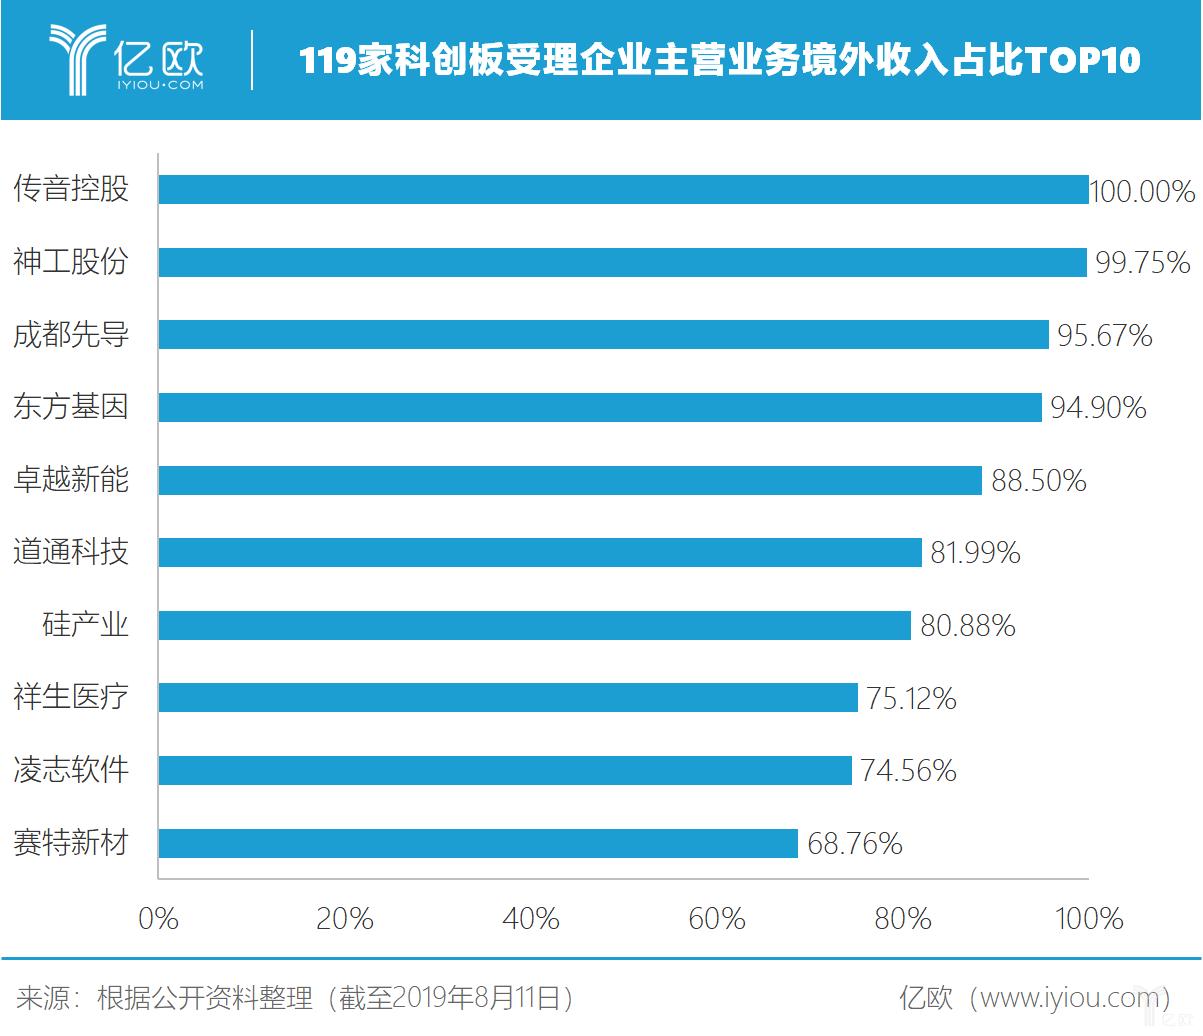 亿欧智库:119家科创板受理企业主营业务境外占比TOP10